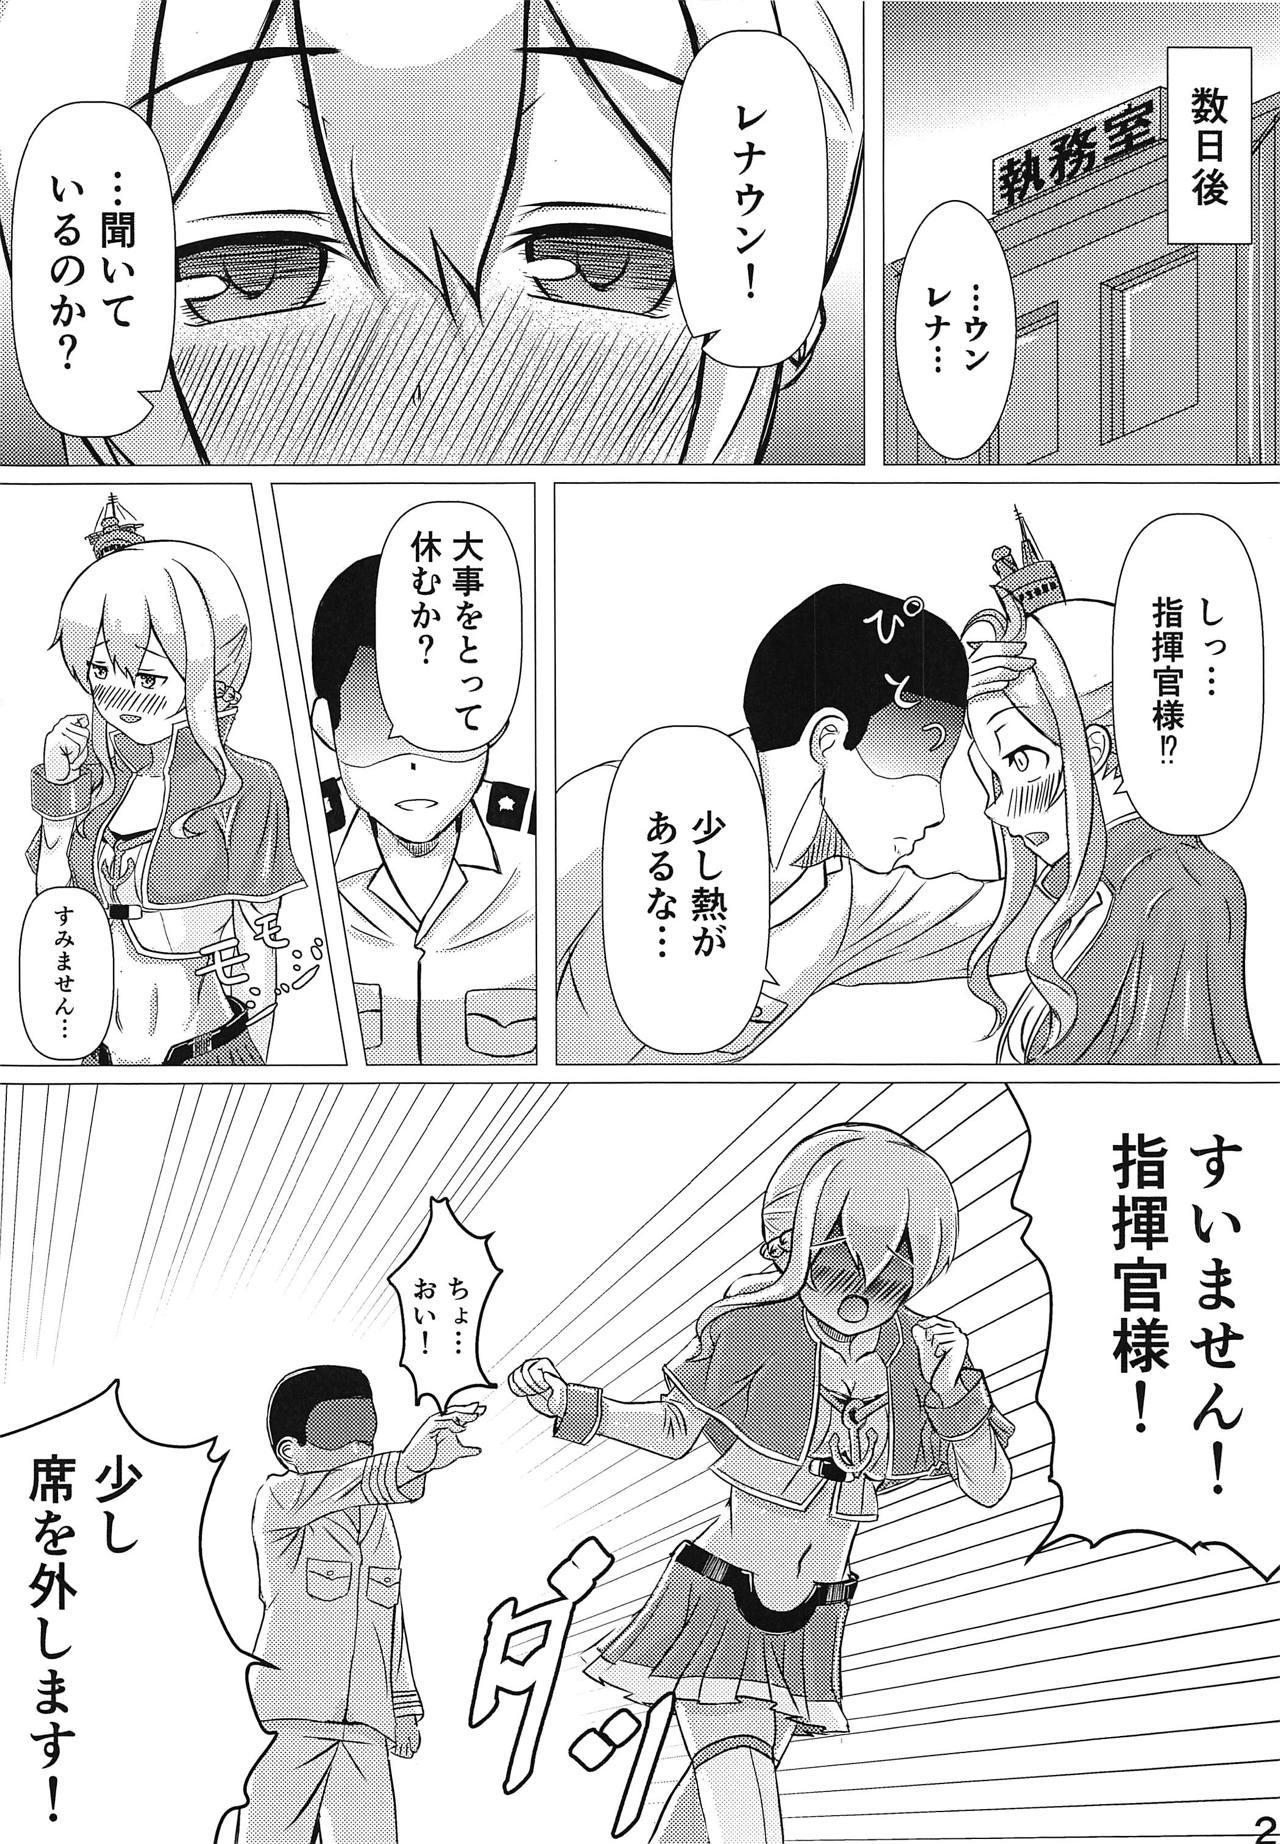 Muttsuri Renown ga Oshiri Ijiri ni Hamaru Hon 2